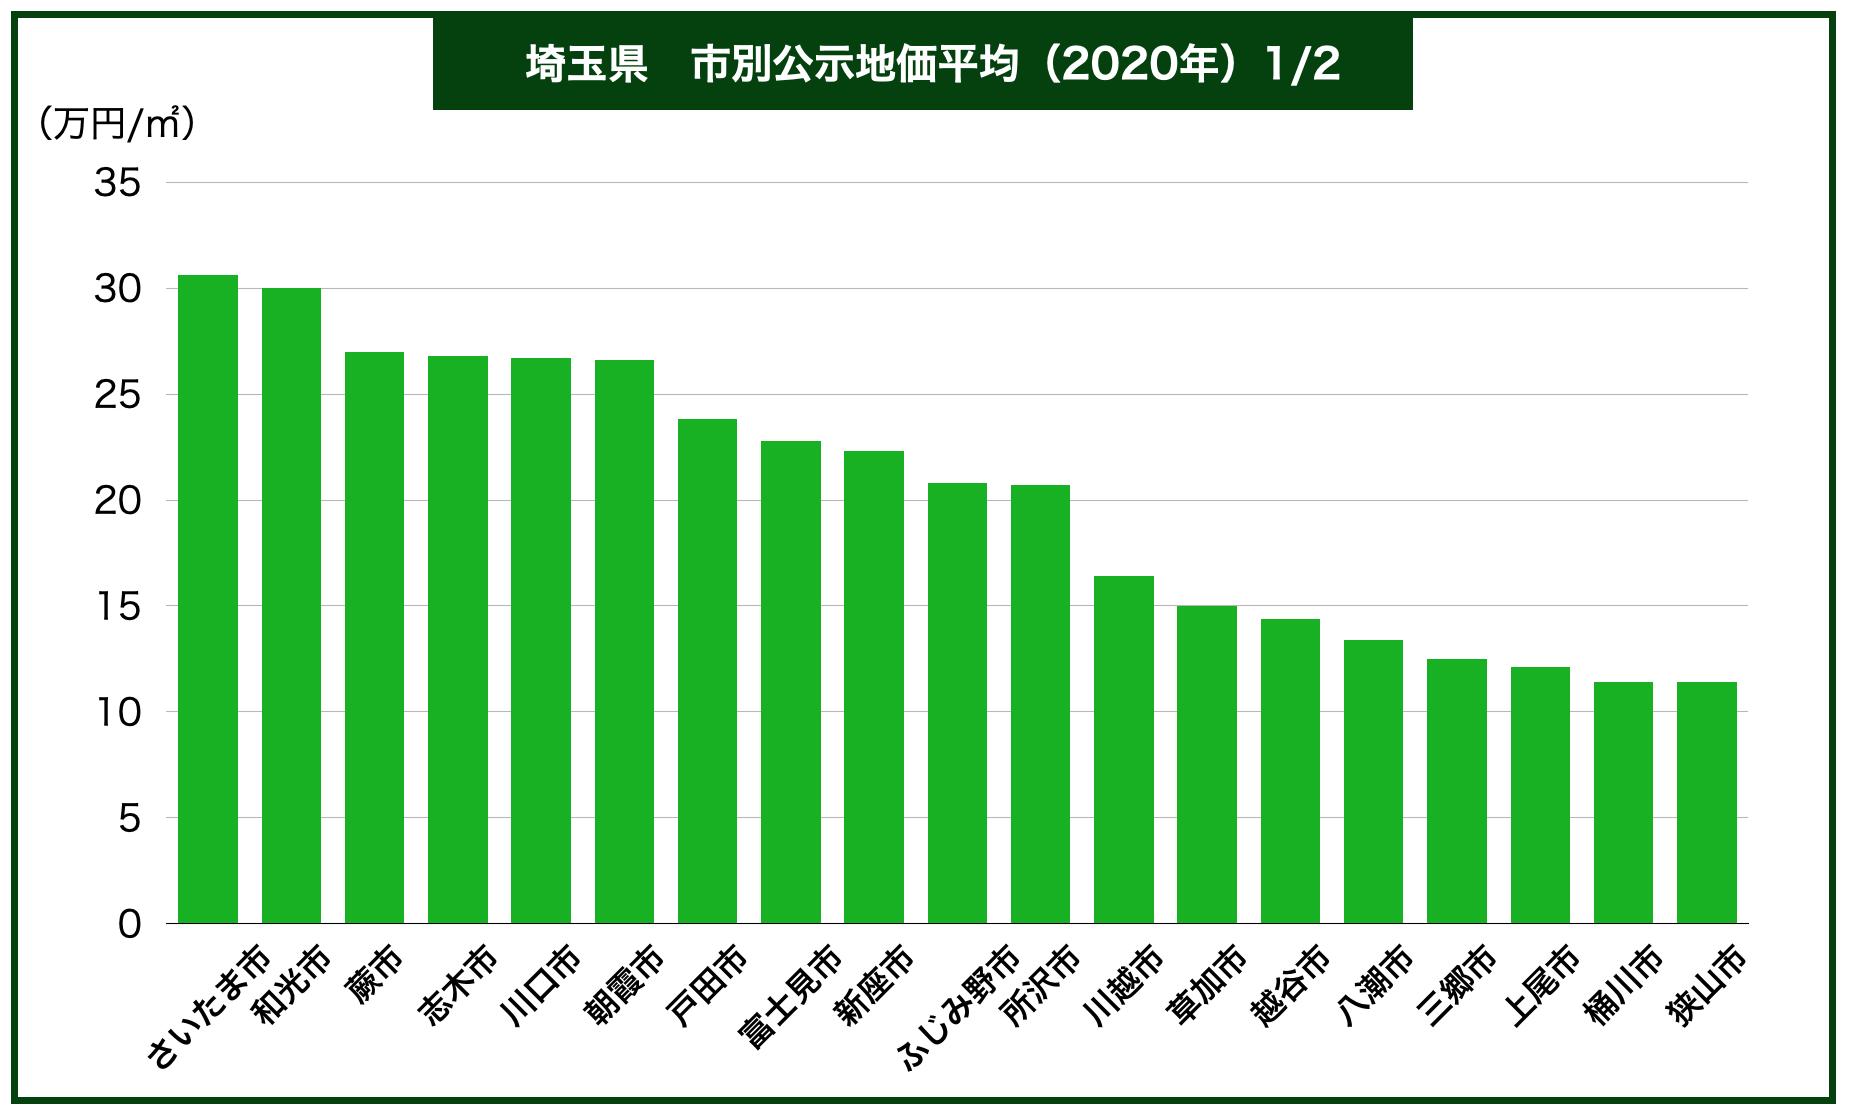 埼玉県市別公示地価